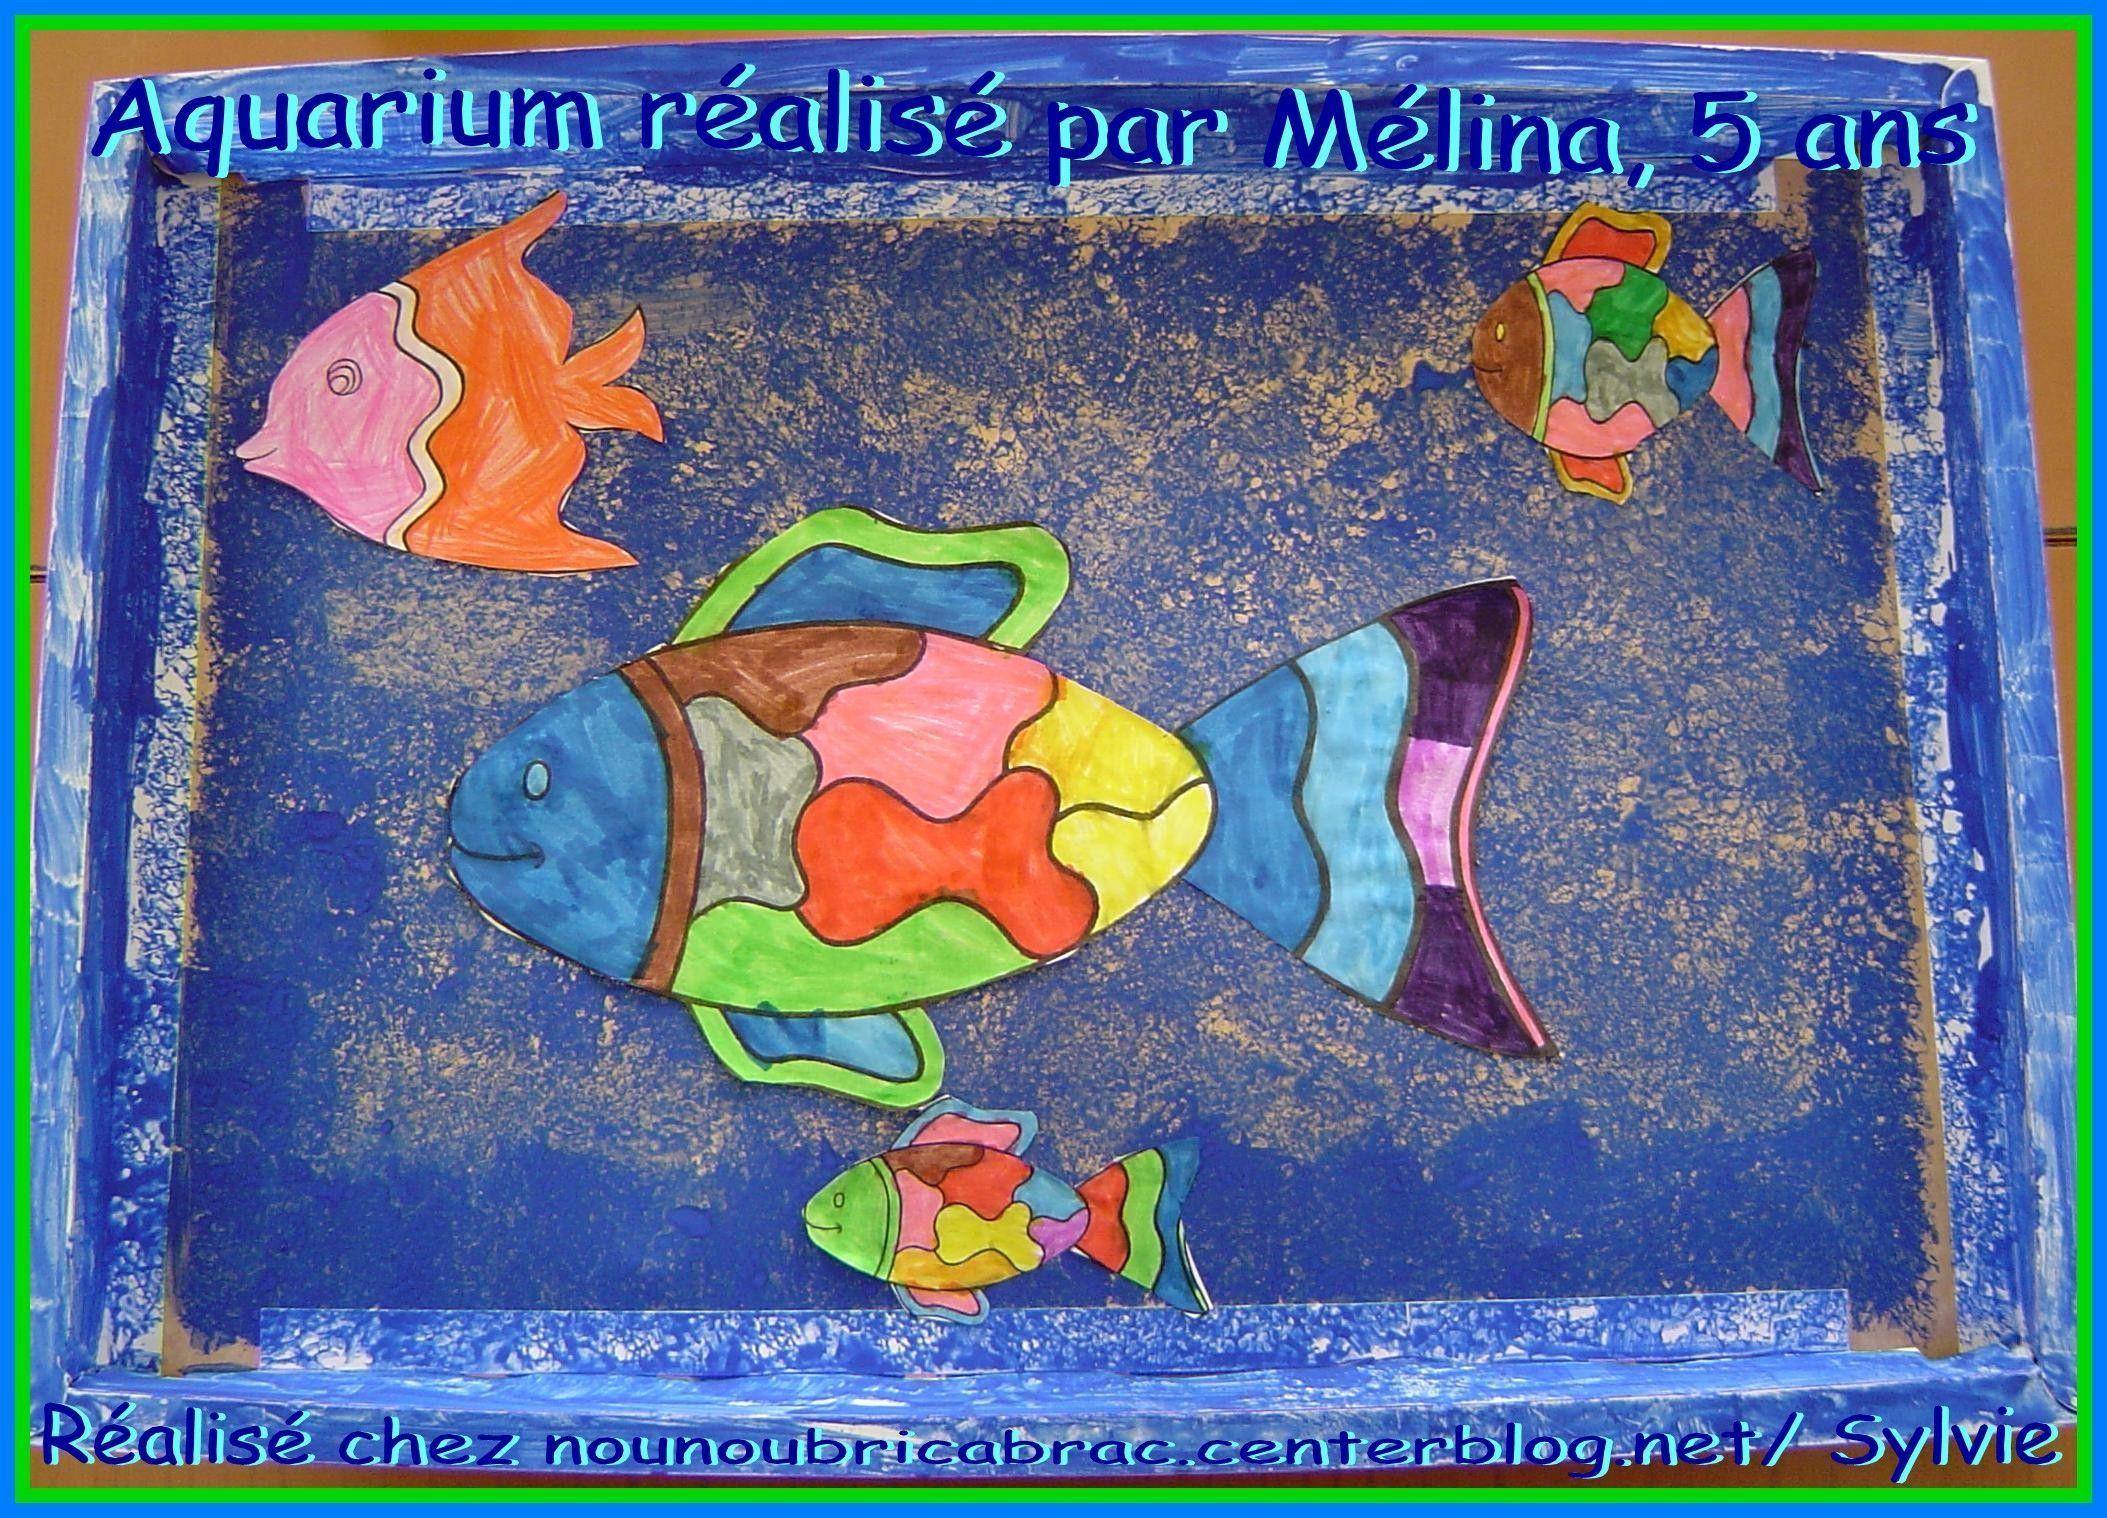 Un Aquarium avec de jolis poissons... réalisé par Mélina, 5 ans